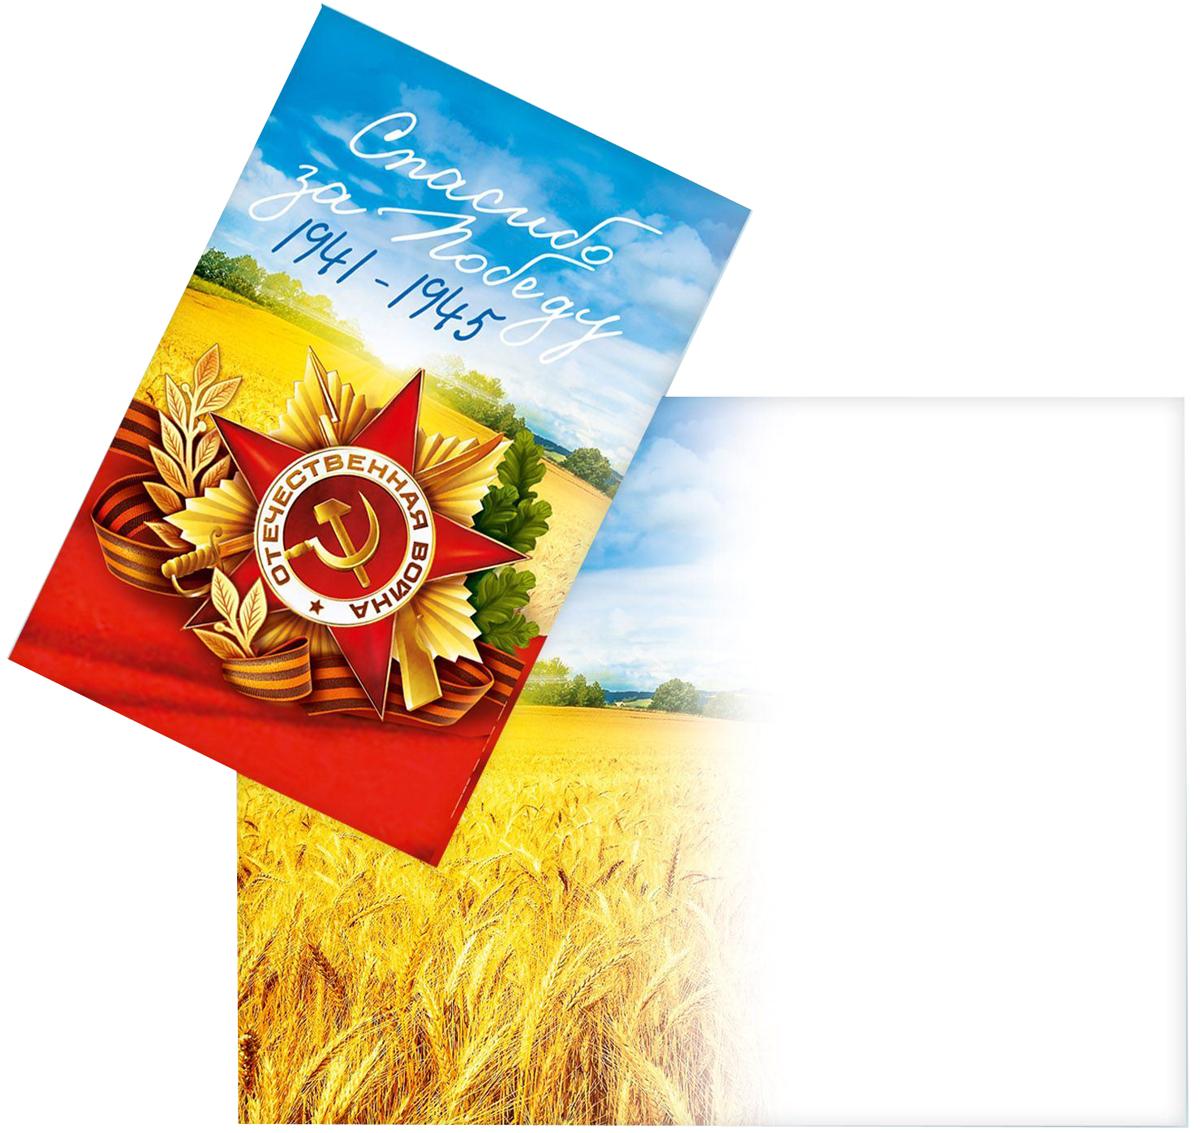 Открытка Дарите cчастье Спасибо за Победу!, 9 х 6 см2123612Праздники - это отличный повод встретиться с родными и друзьями, провести вместе время. Поздравьте близких и дорогих вам людей, подарив им карточку с тёплыми пожеланиями.Мини-открытка не содержит текста, но имеет красивый дизайнерский рисунок. Такая яркая карточка станет прекрасным дополнением к основному подарку.Сохраните самые чудесные моменты жизни!